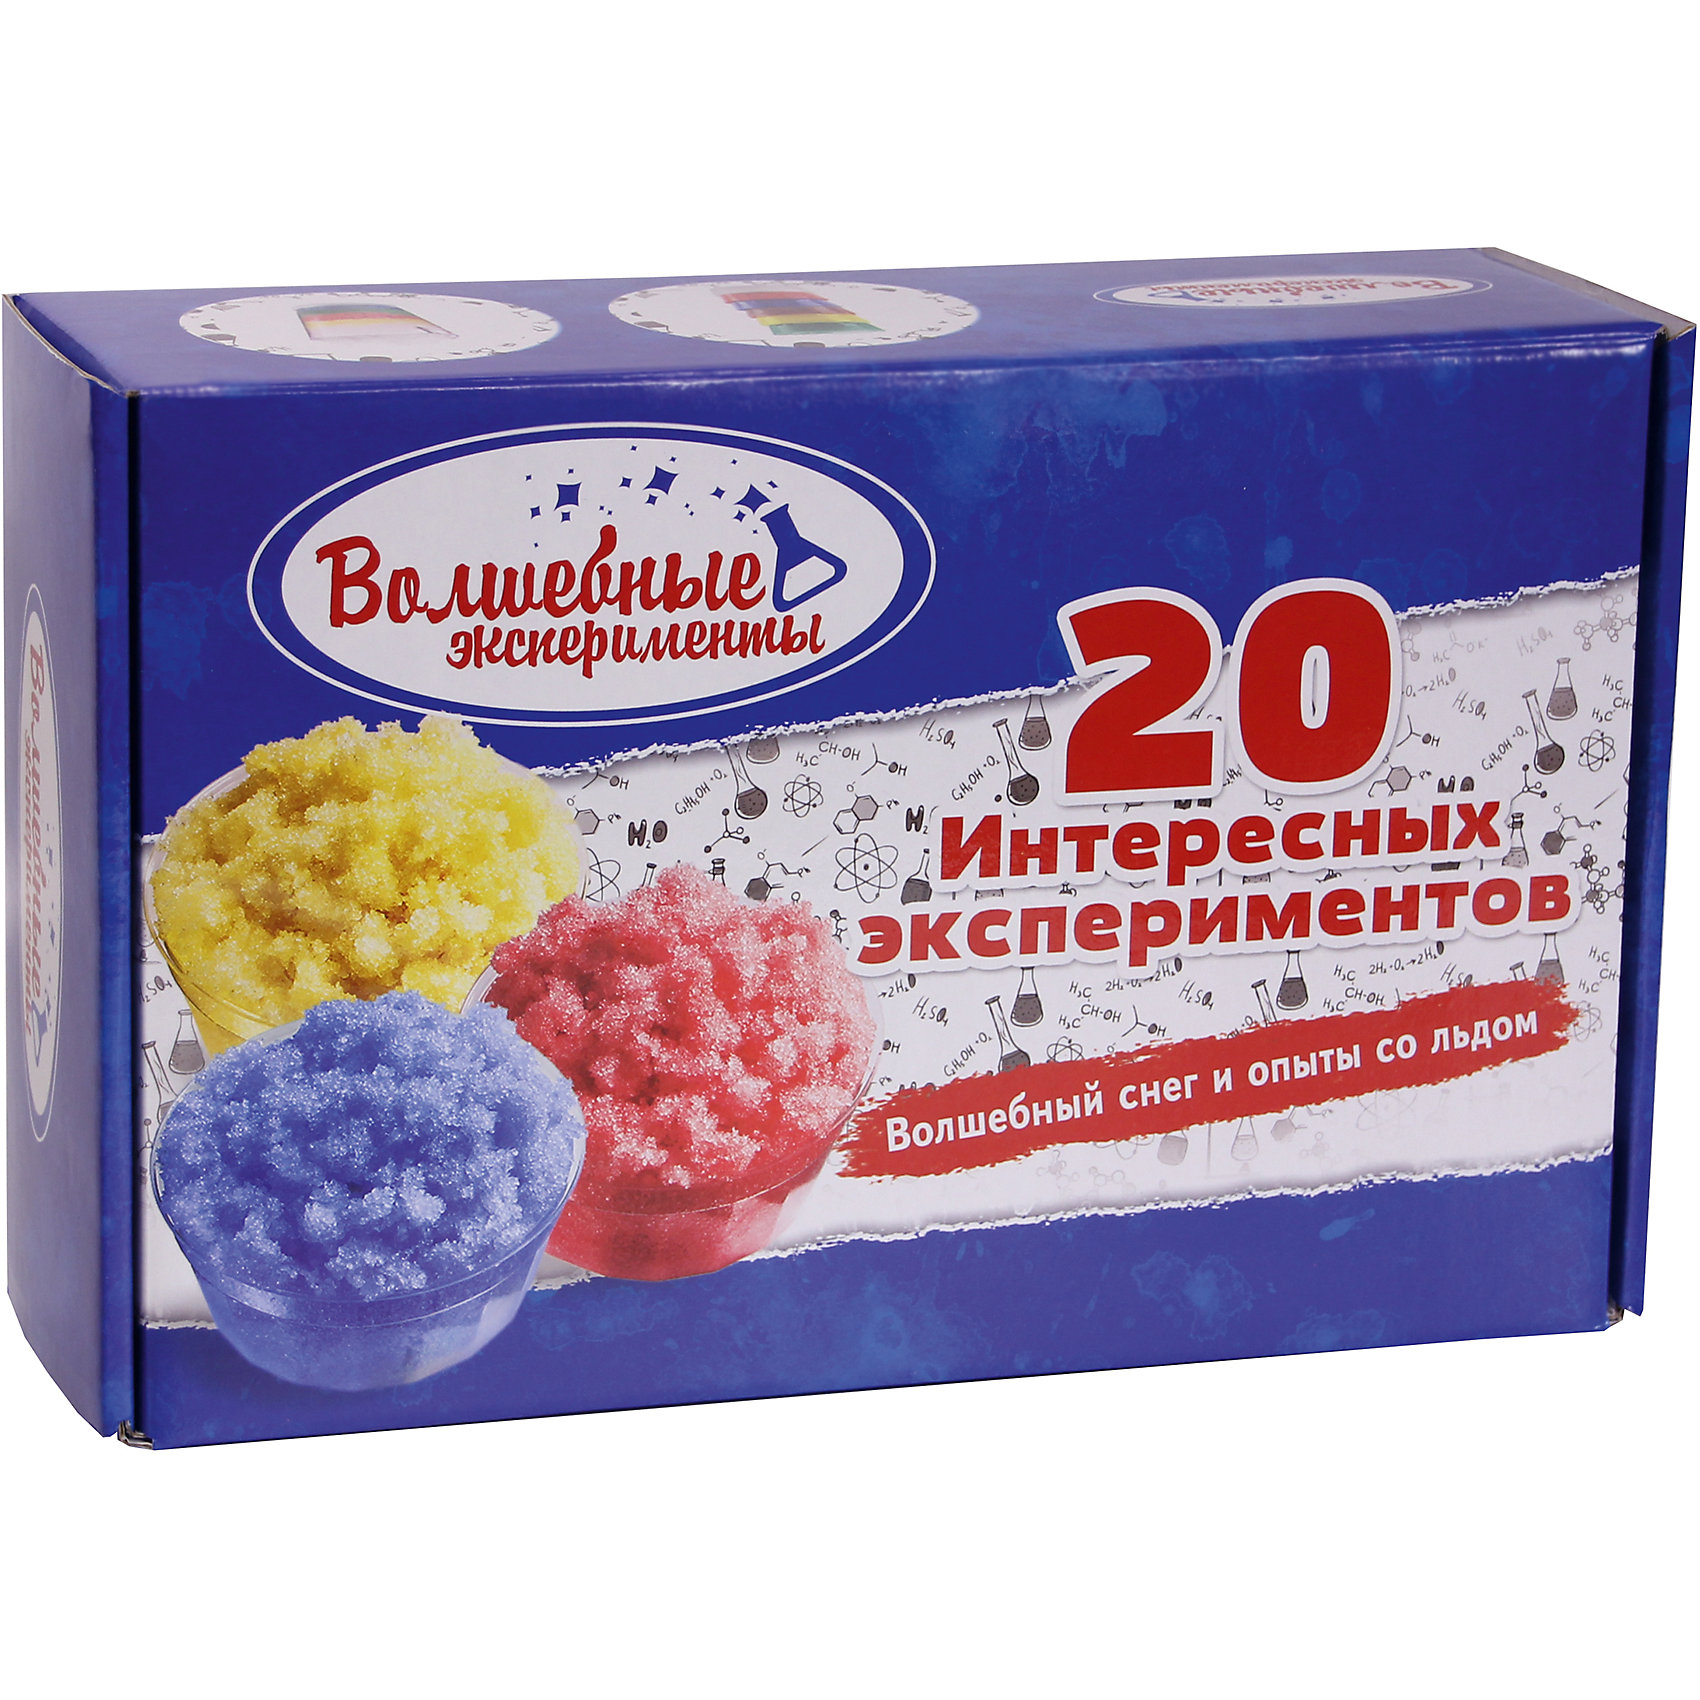 Большой набор Волшебный снег и 20 опытов со льдомХимия<br>Большой набор Волшебный снег и 20 опытов со льдом.<br><br>Характеристики:<br><br>• Для детей в возрасте: от 14 лет<br>• В наборе: волшебный снег 10 пакетиков, краски 6 цветов, кисть, мерный стакан, мерная ложечка, прозрачная трубочка, пластиковая палочка для размешивания, 7 стаканчиков по 100 мл, 3 емкости для проведения опытов, цветной буклет-инструкция<br>• Упаковка: цветная картонная коробка<br>• Размер упаковки: 30х20х10 см.<br>• Вес: 480 гр.<br>• Производство: Россия<br><br>В наборе «Волшебный снег и 20 опытов со льдом» есть все необходимое для того, чтобы провести 20 интересных опытов. Проводя опыты, можно убедиться, что снег бывает не только холодный, что радуга может быть и снежной, и ледяной, и водяной, а рисовать можно не только красками, но и цветным льдом, узнать, что произойдет, если льдинки посыпать солью, понаблюдать, что будет, если лед опустить в масло и многое другое. Вы узнаете, что такое Волшебный снег, сможете понаблюдать, как он моментально увеличивается в объёме. В комплекте имеется красочный буклет из 20 страниц с подробными инструкциями и интересными рассказами о свойствах снега и льда.<br><br>Большой набор Волшебный снег и 20 опытов со льдом можно купить в нашем интернет-магазине.<br><br>Ширина мм: 320<br>Глубина мм: 200<br>Высота мм: 100<br>Вес г: 480<br>Возраст от месяцев: 168<br>Возраст до месяцев: 2147483647<br>Пол: Унисекс<br>Возраст: Детский<br>SKU: 5515565